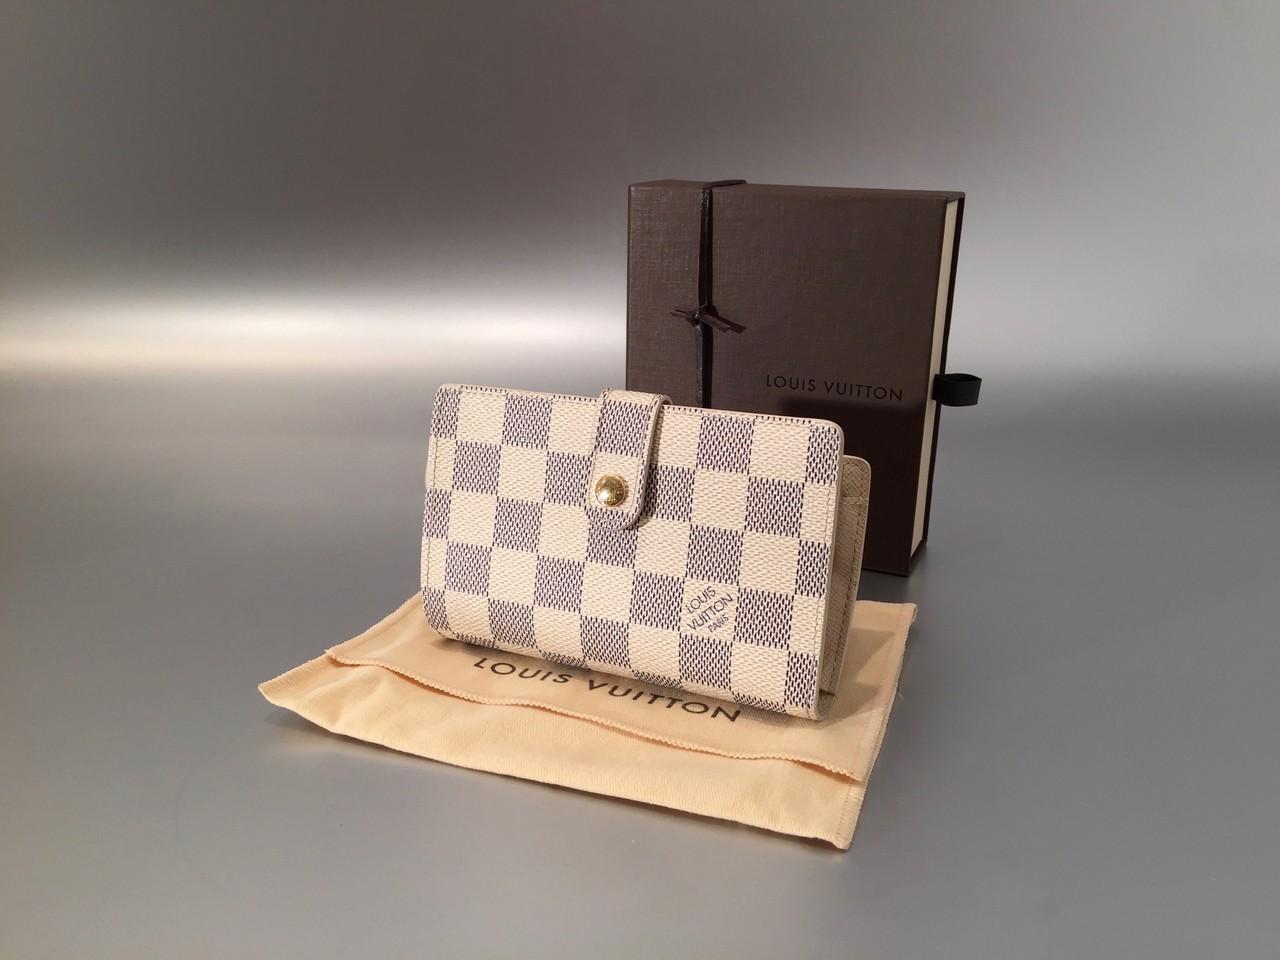 louis vuitton damier azur viennois geldb rse ankauf verkauf second hand designertaschen und. Black Bedroom Furniture Sets. Home Design Ideas